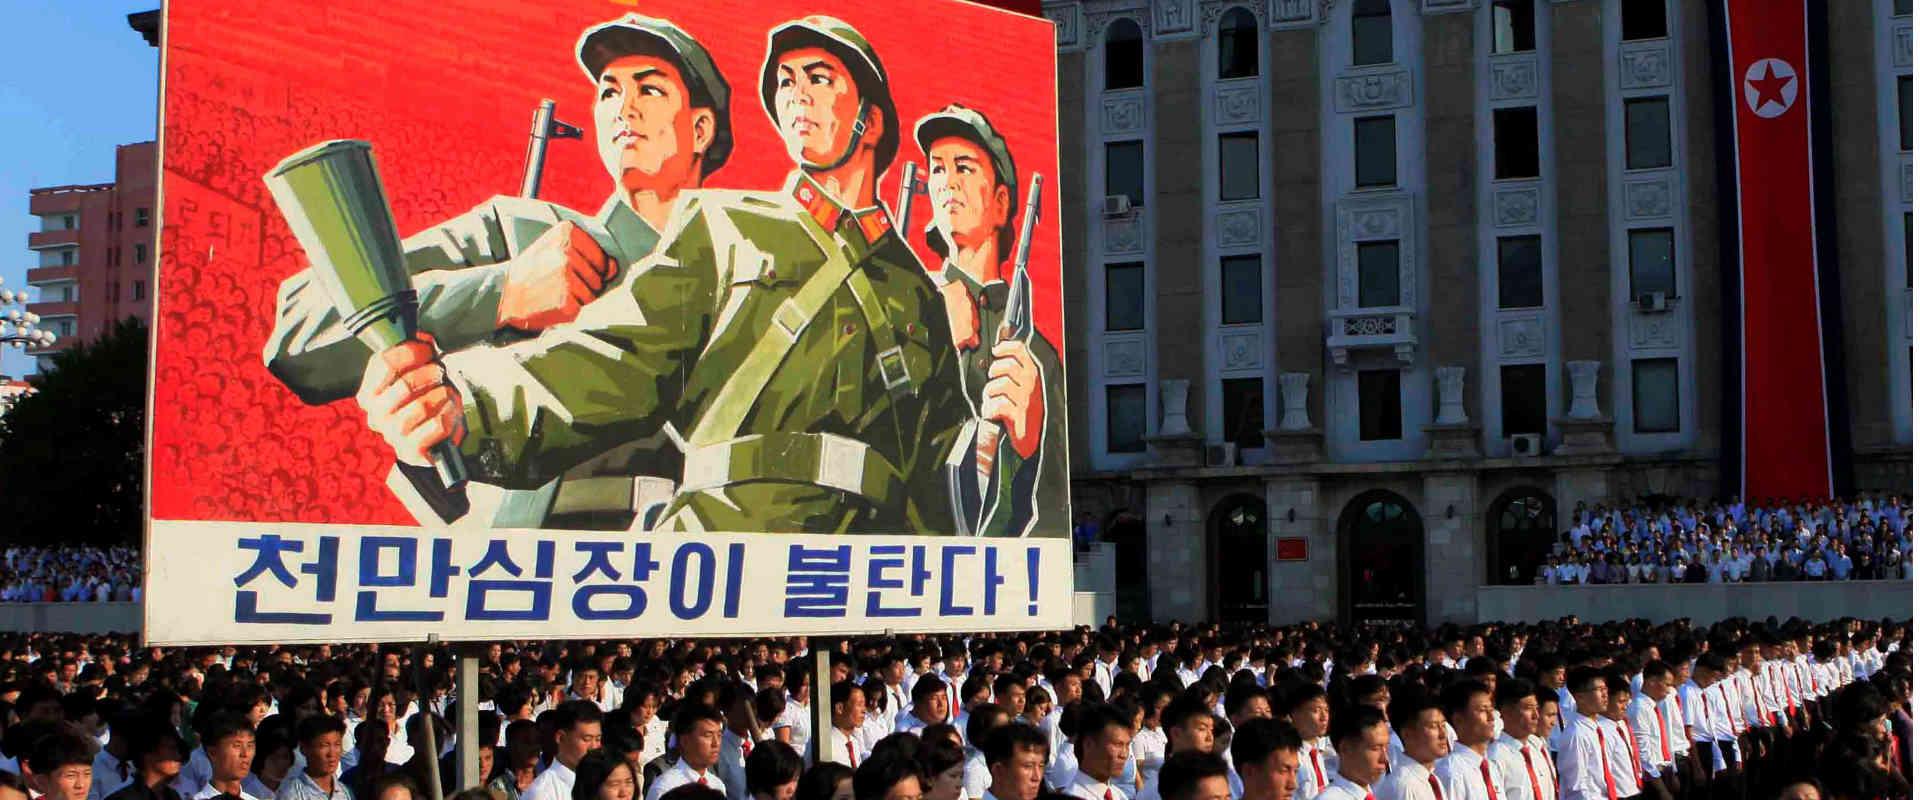 מפגינים בקוריאה הצפונית, אתמול